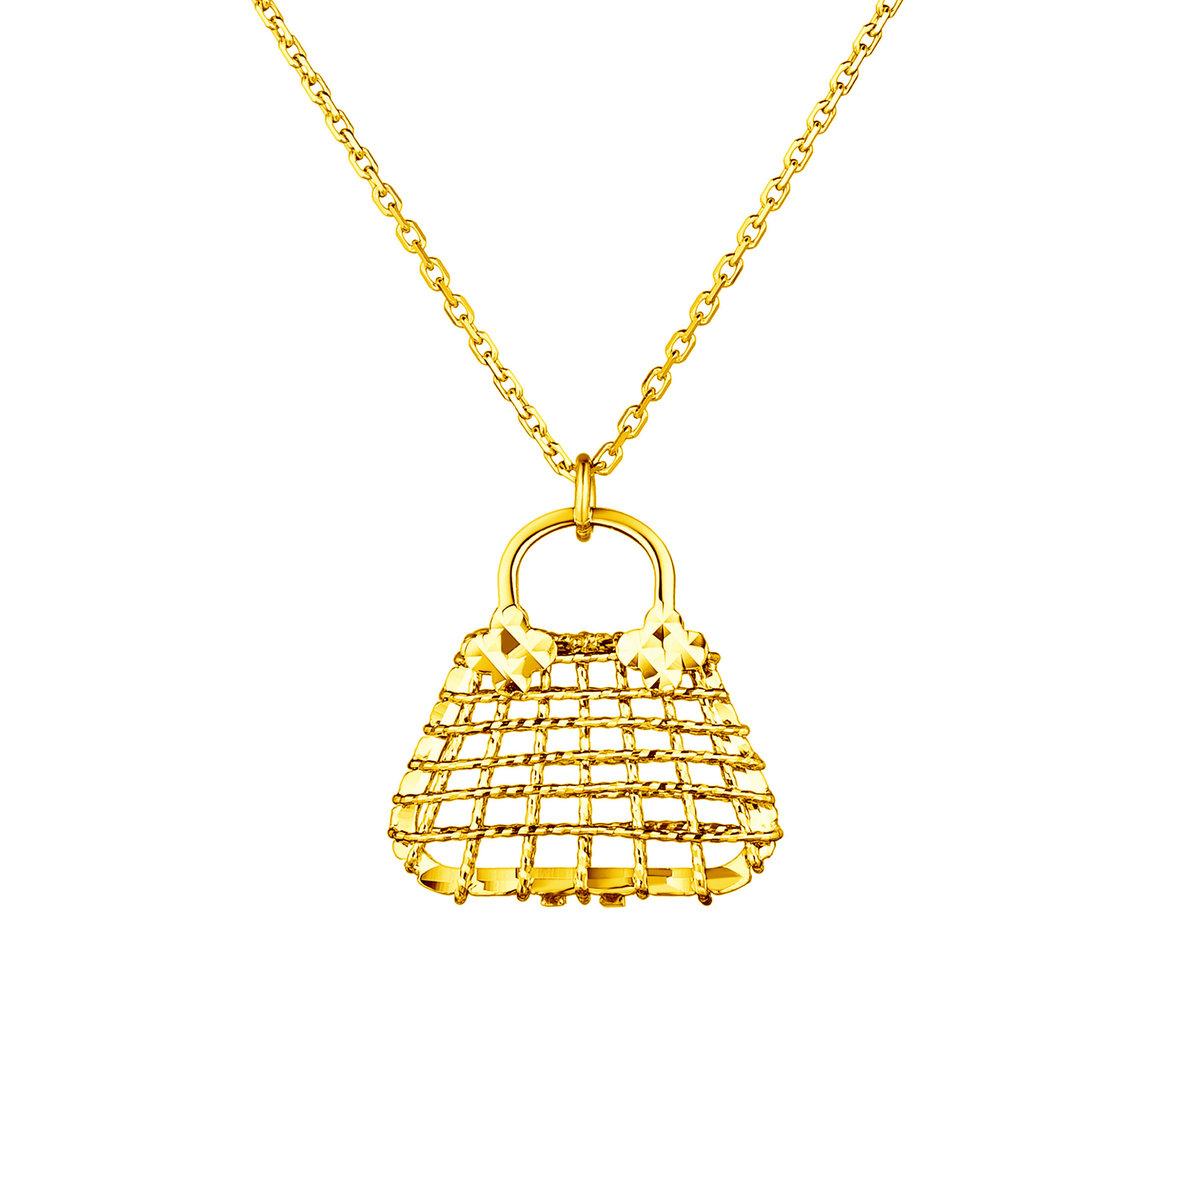 Goldstyle Au990 Necklace